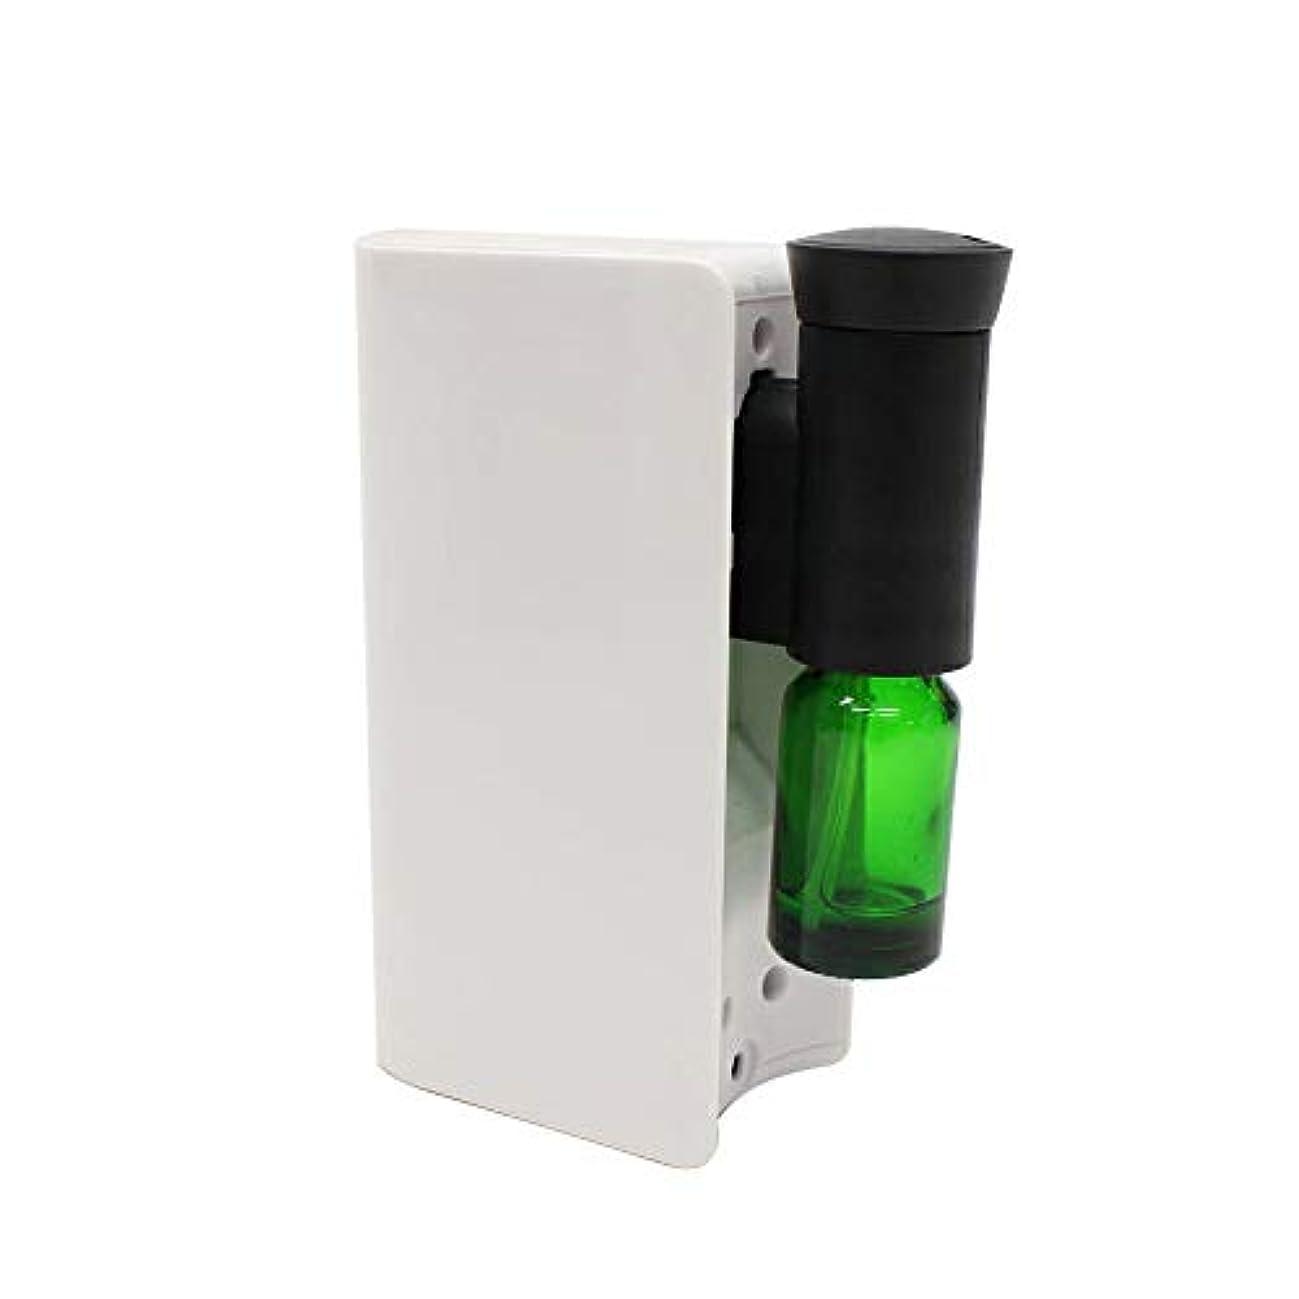 交響曲法医学優雅な電池式アロマディフューザー 水を使わない ネブライザー式 アロマ ディフューザー アロマオイル対応 自動停止 ECOモード搭載 コンパクト 香り 癒し シンプル ホワイト